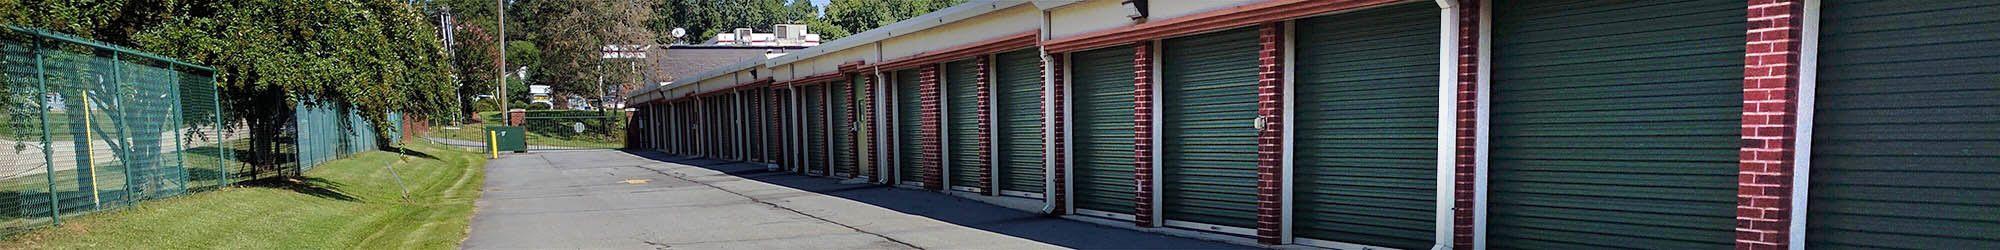 Storage at Reynolda Storage at Winston Salem